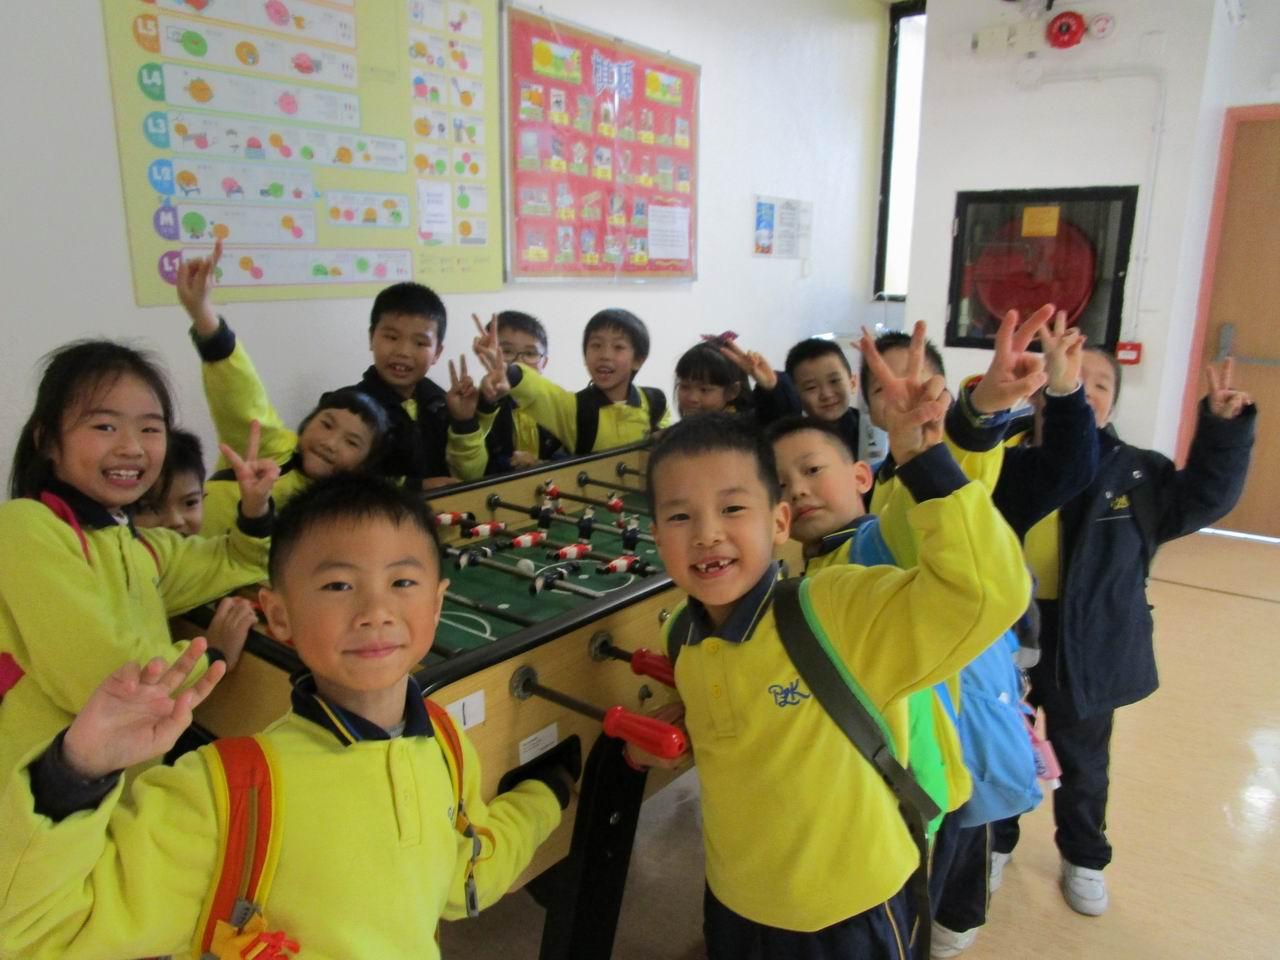 https://plkcjy.edu.hk/sites/default/files/diao_zheng_da_xiao_img_1347.jpg